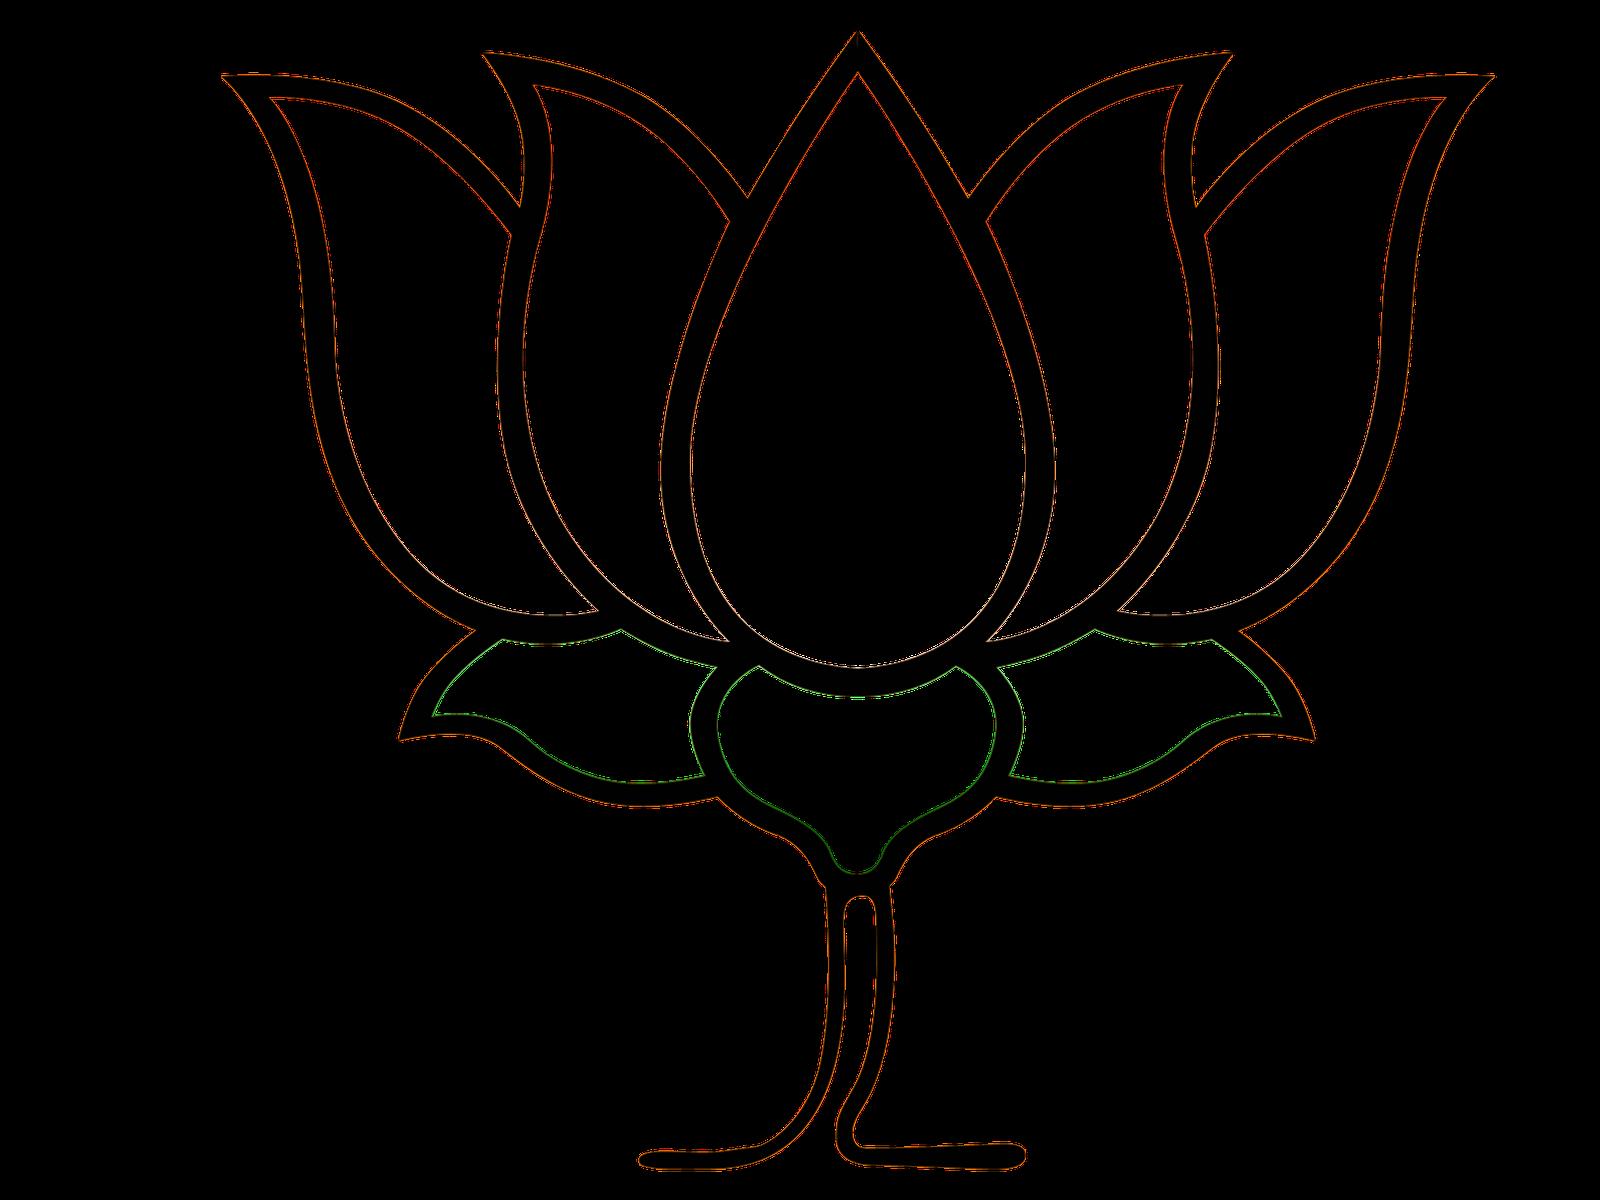 Indian Restaurants Design | Joy Studio Design Gallery - Best Design